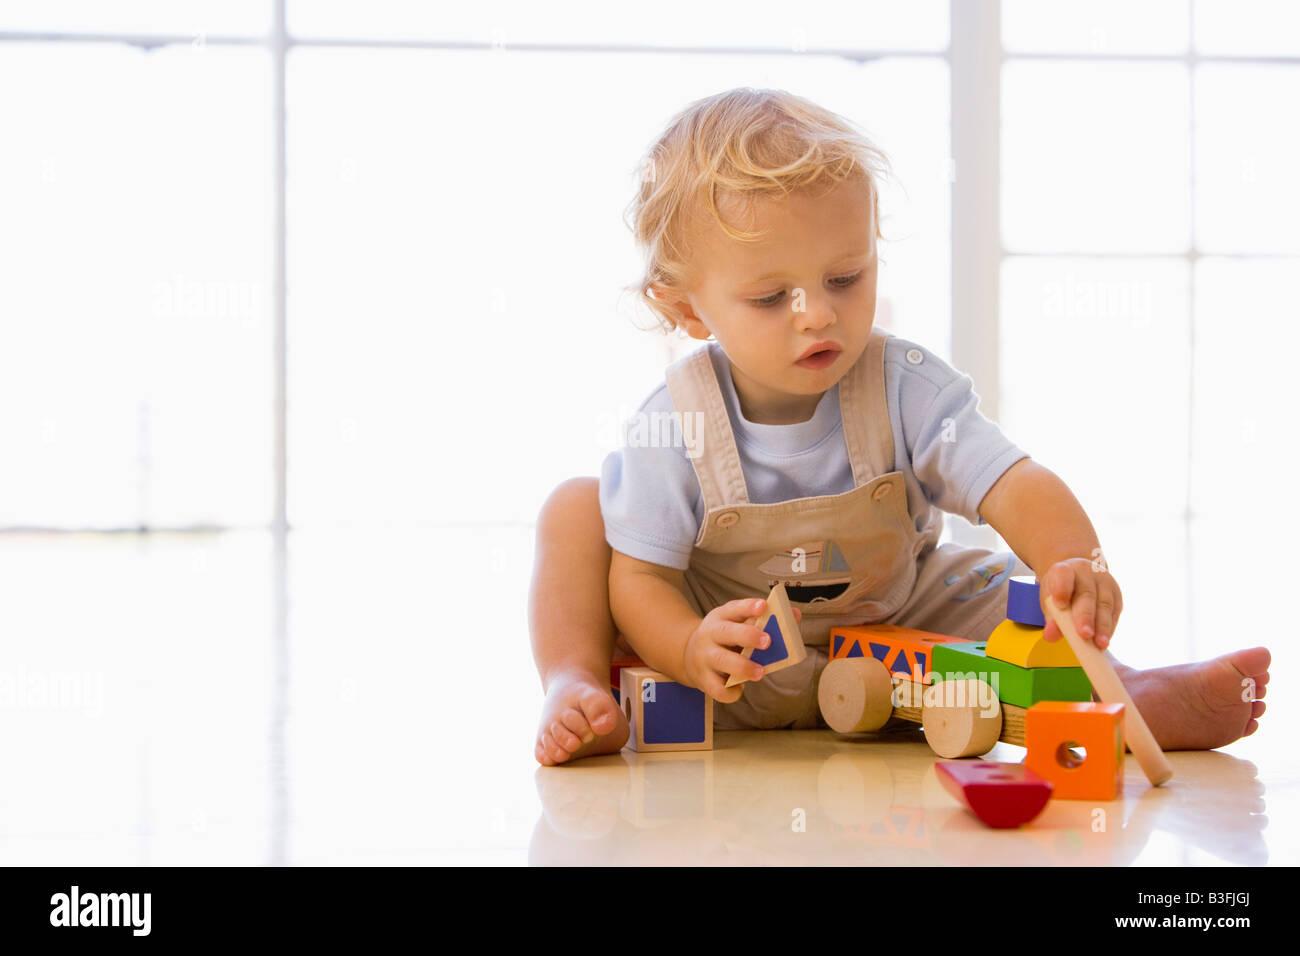 Baby indoor giocando con il giocattolo carrello Immagini Stock